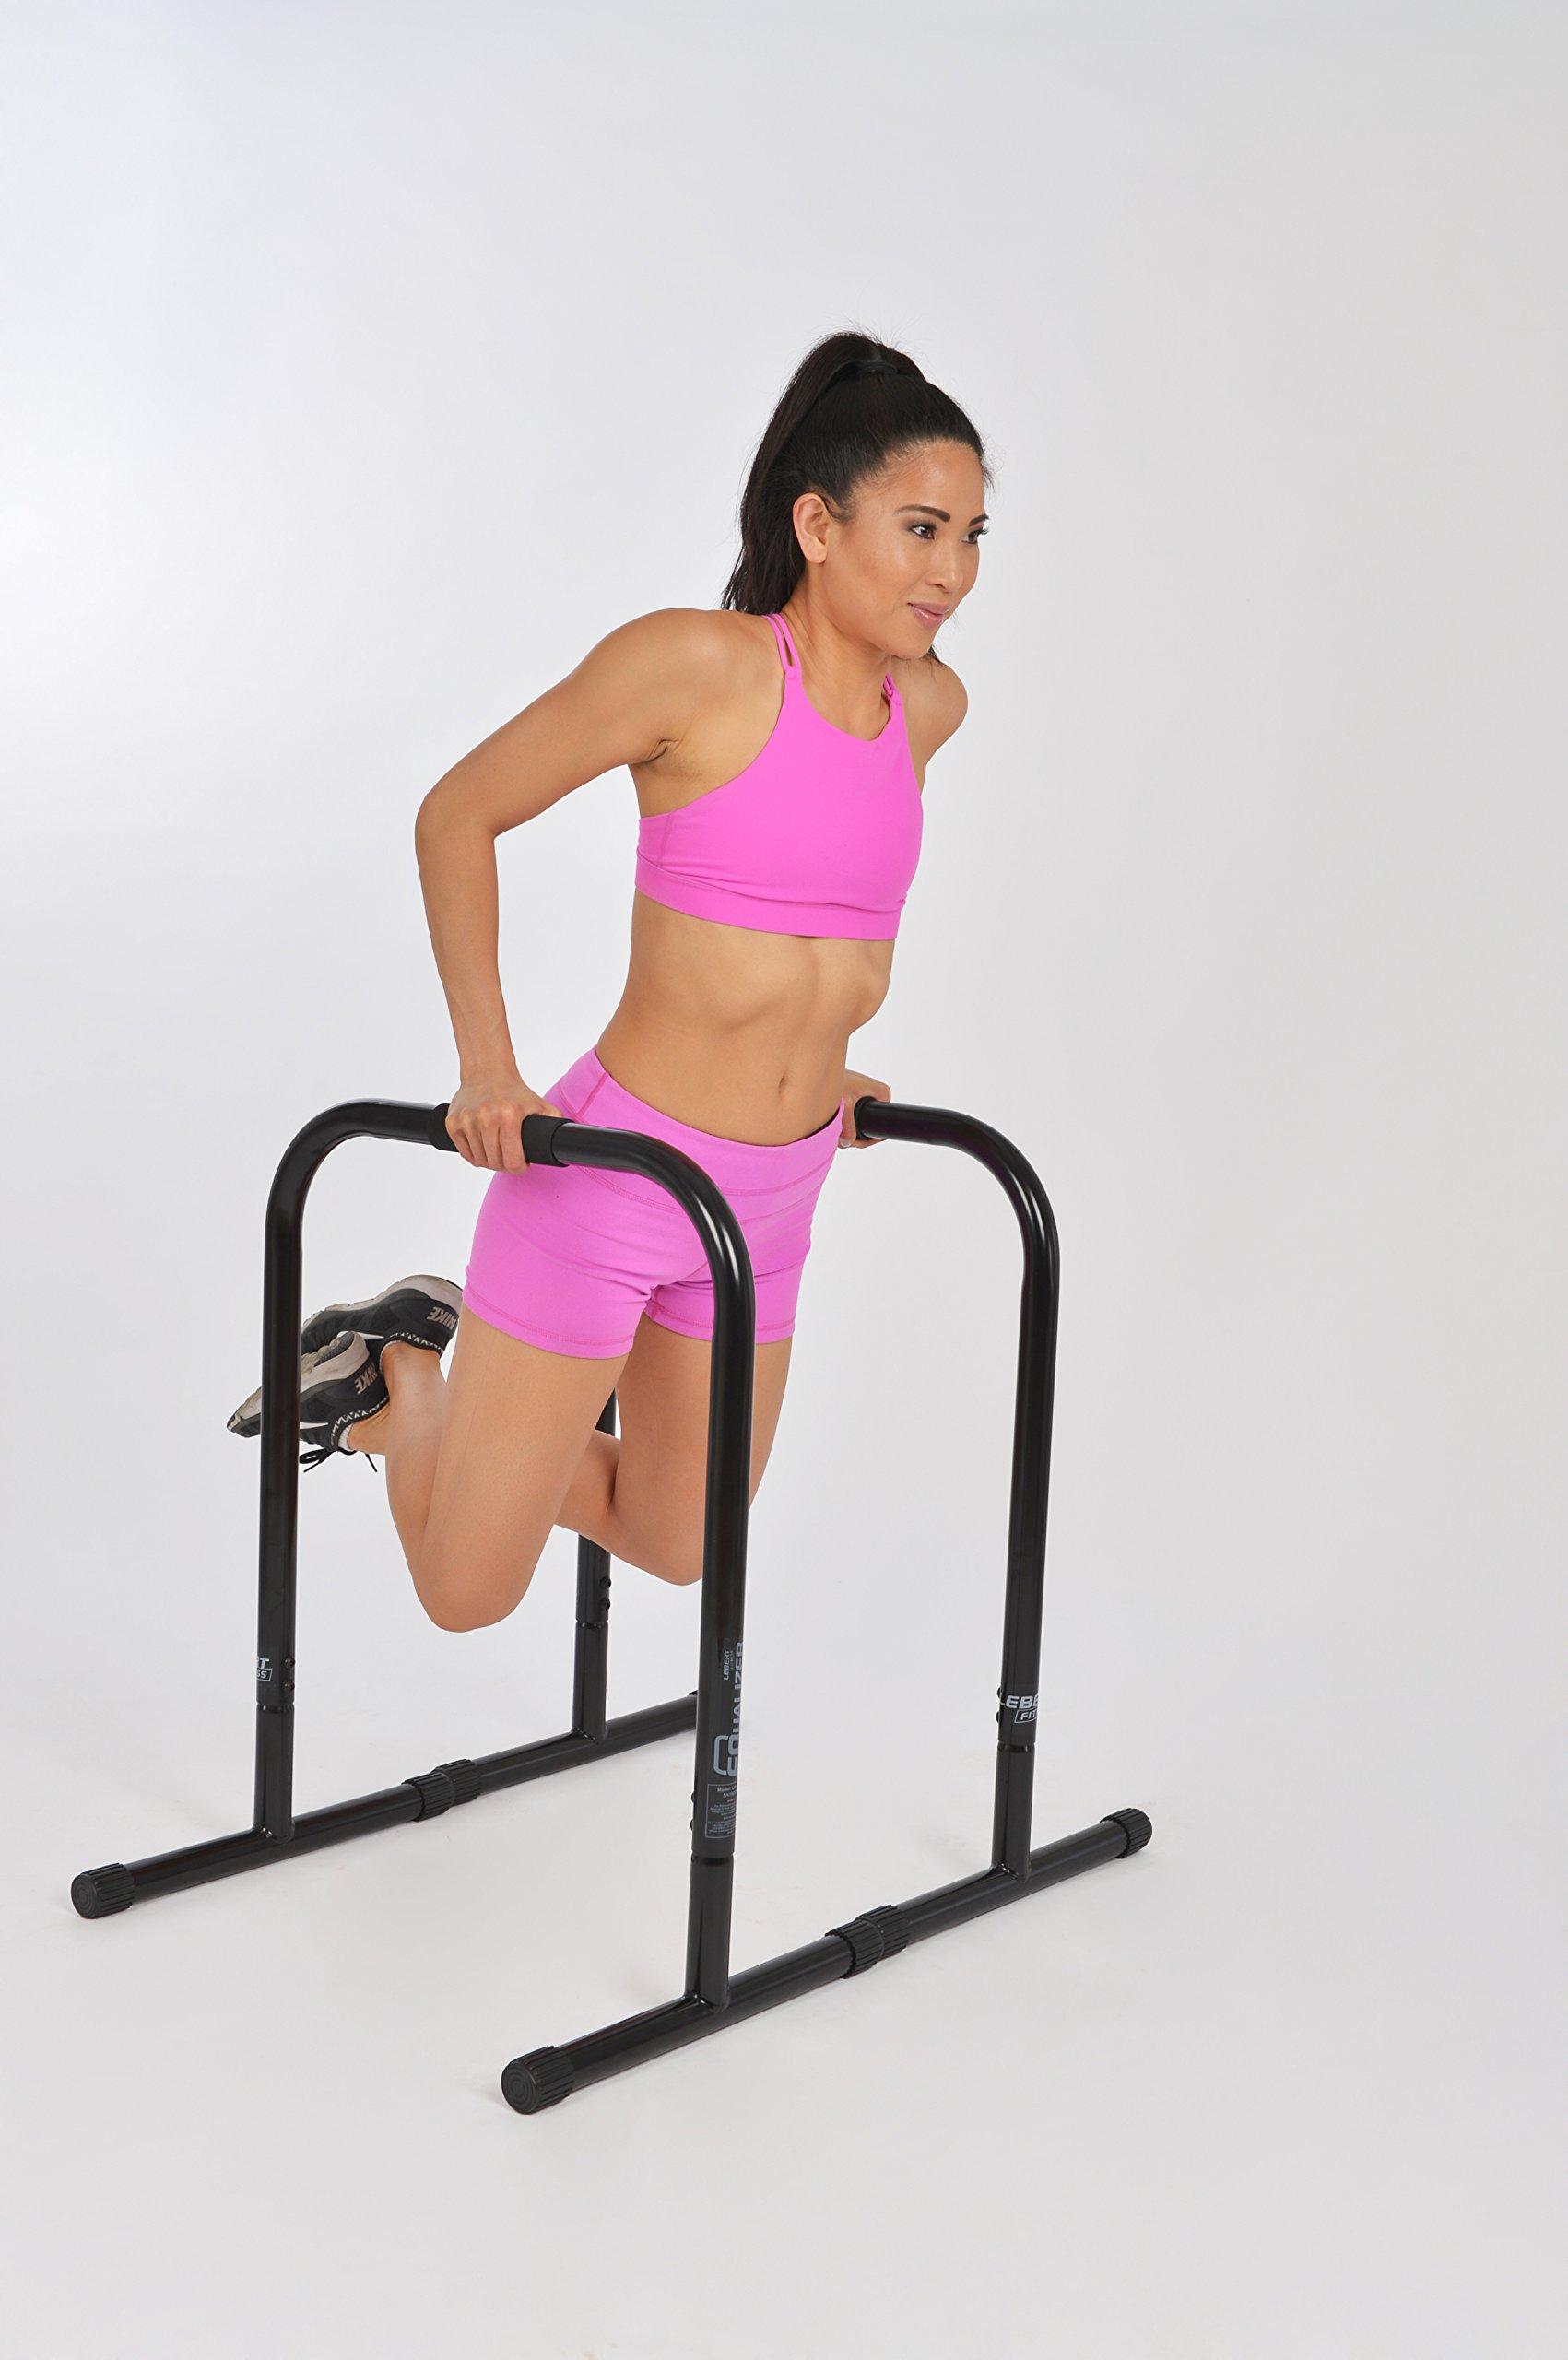 Lebert Fitness Equalizer Bars Total Body Strengthener, XL, Black by Lebert (Image #2)